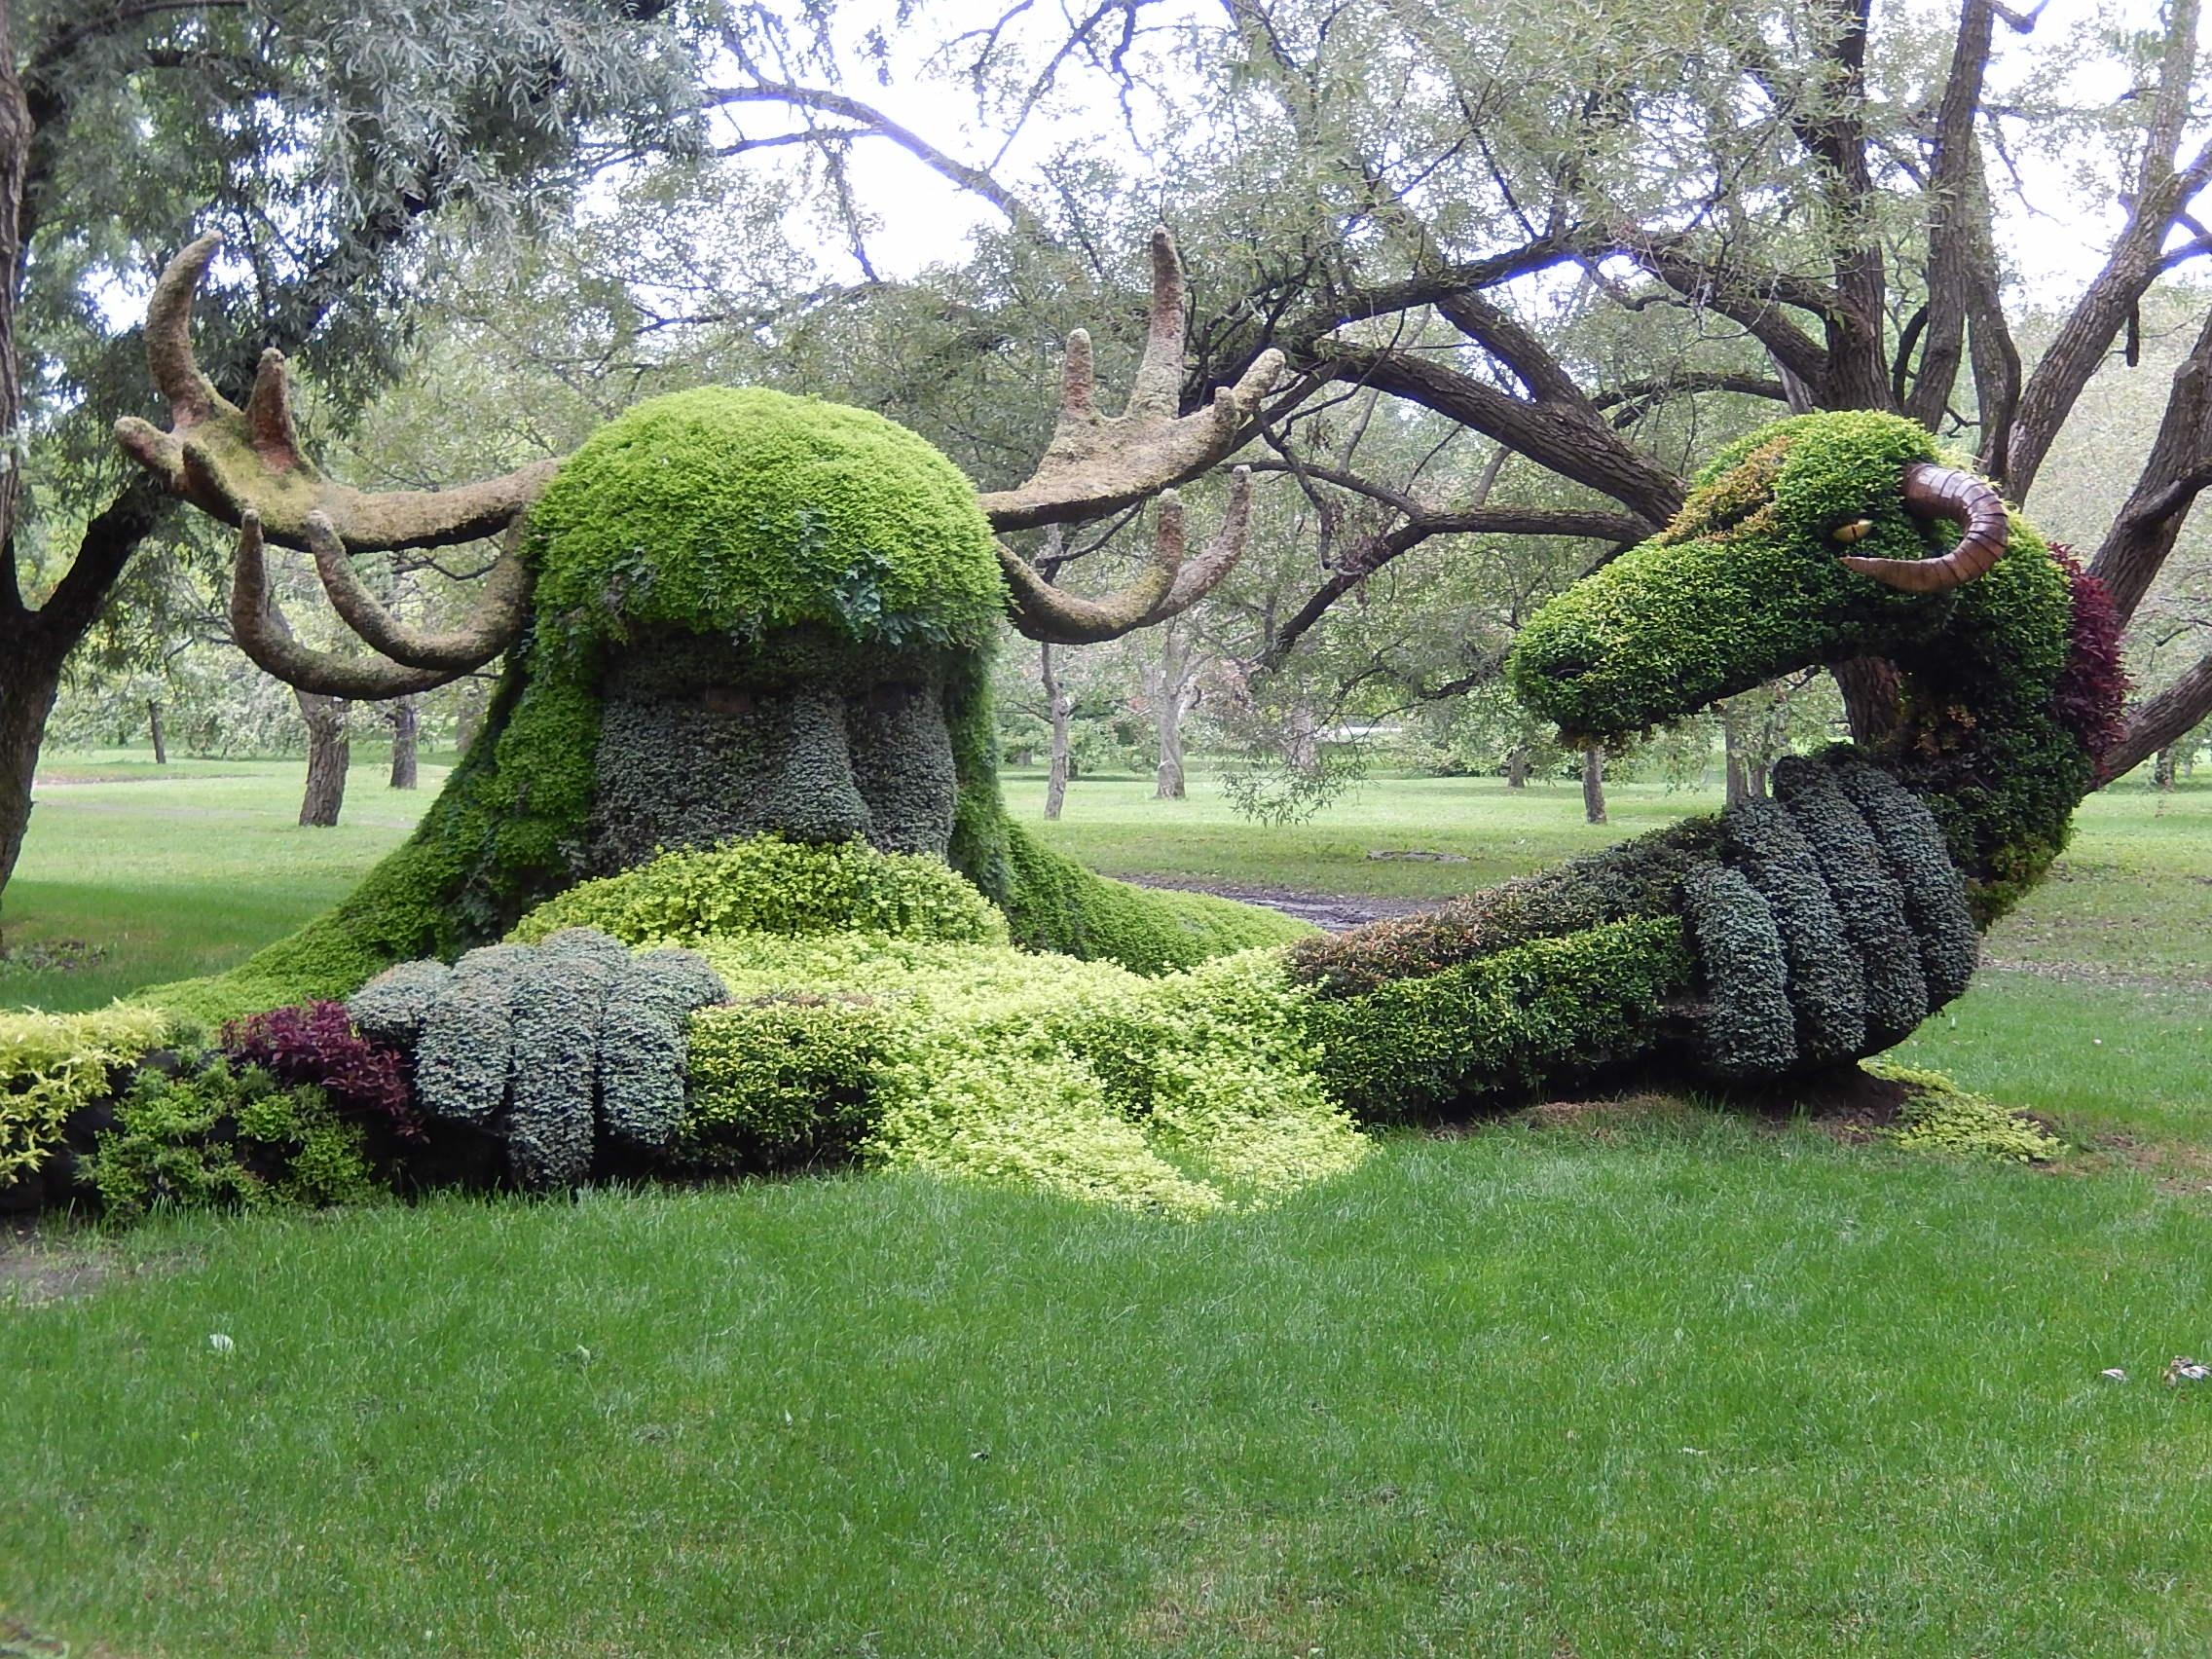 Jardin Japonais Chez Soi comment. jardin japonais vue densemble mantes la jolie. comment